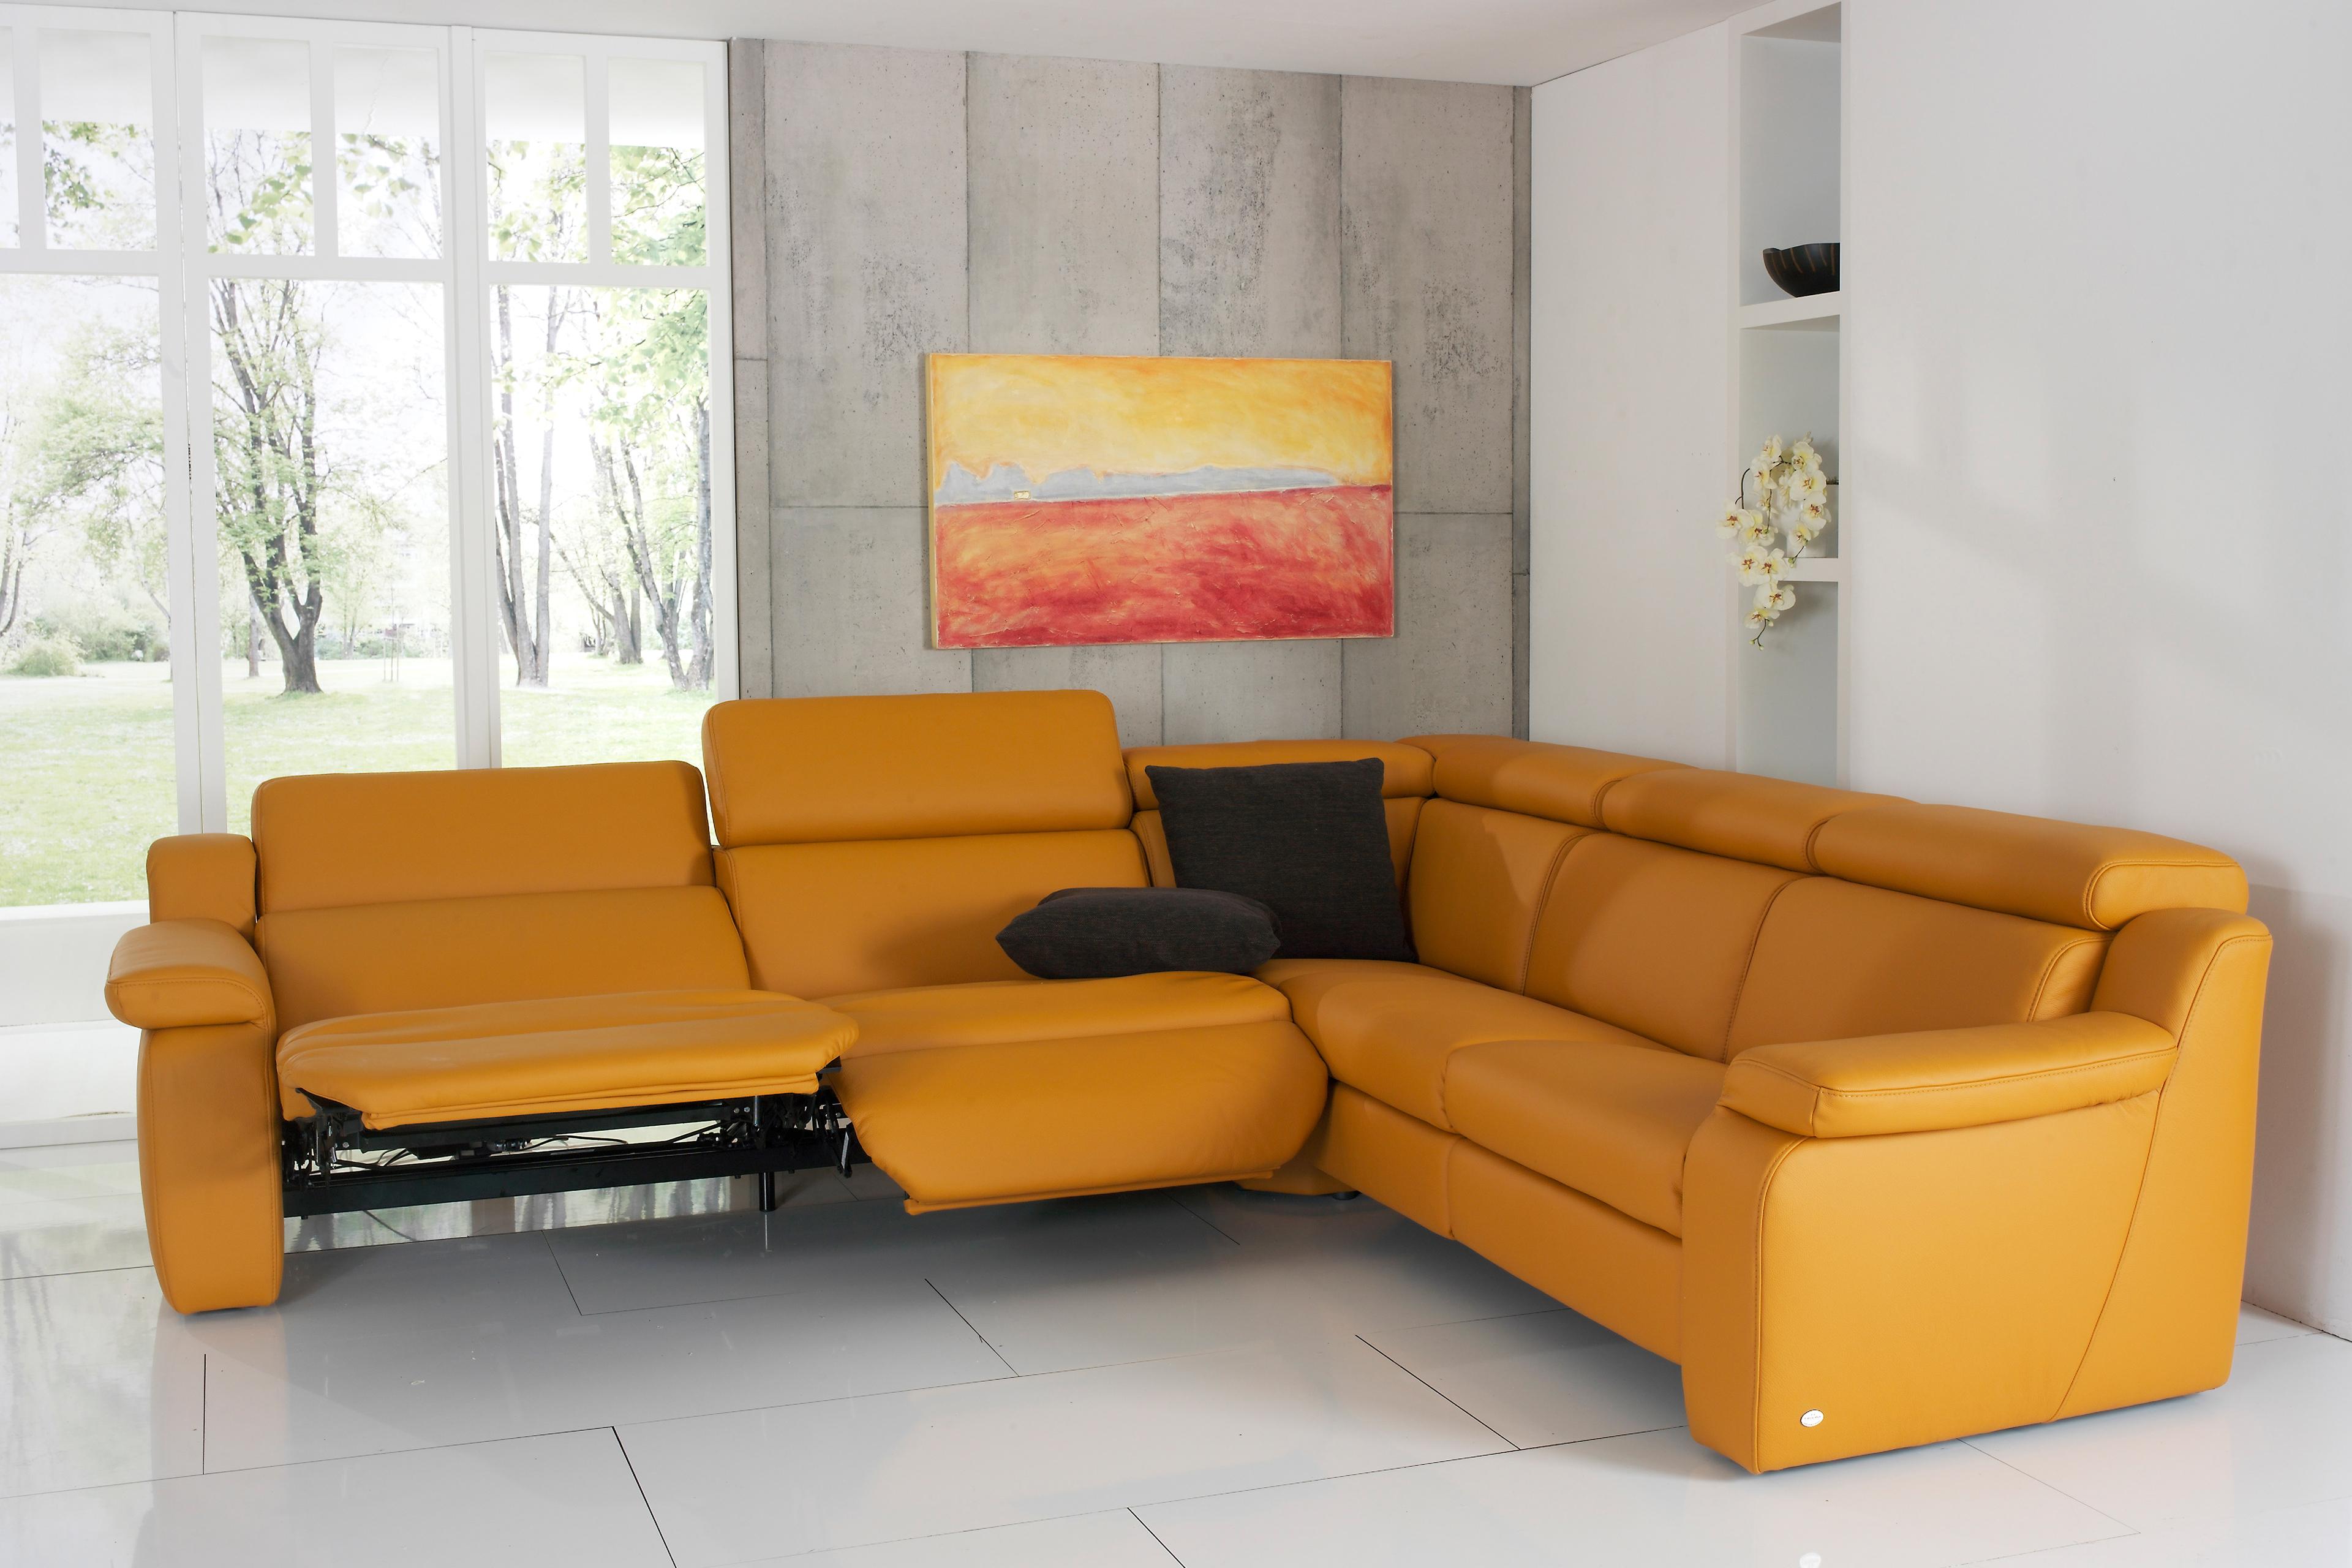 himolla polsterm bel 1302 ledersofa safran m bel letz. Black Bedroom Furniture Sets. Home Design Ideas